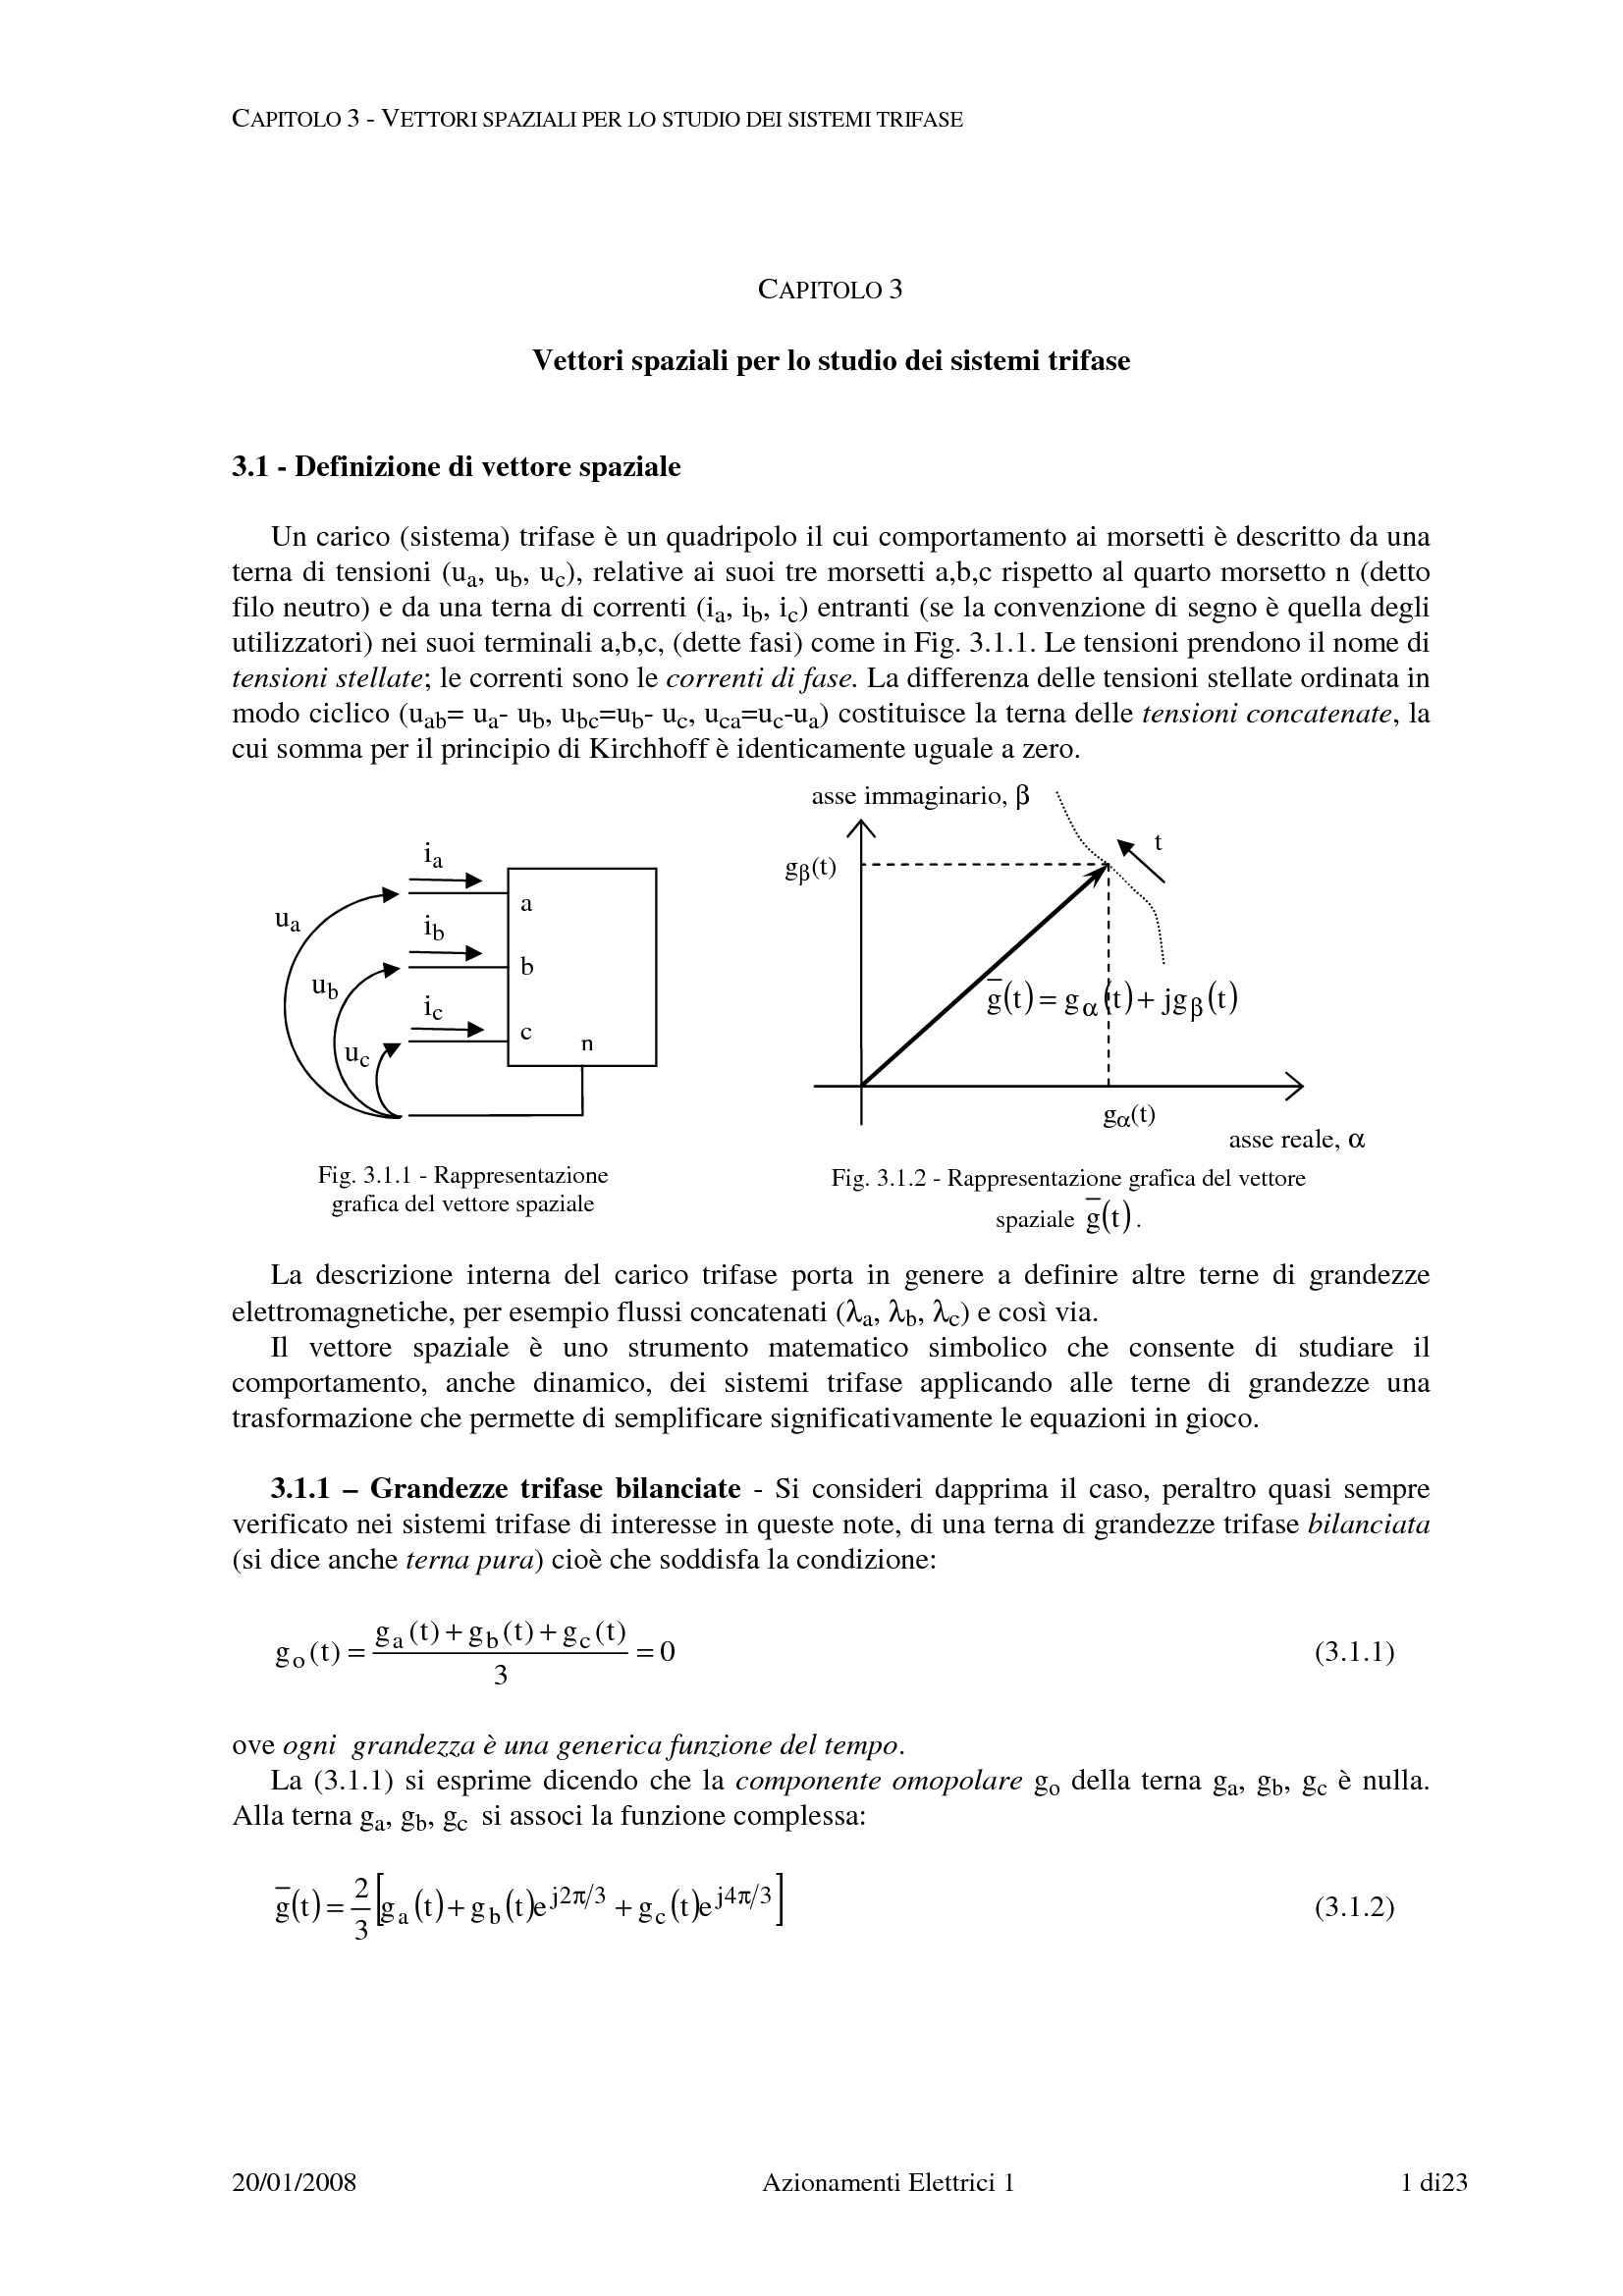 Vettori spaziali per lo studio di sistemi trifase